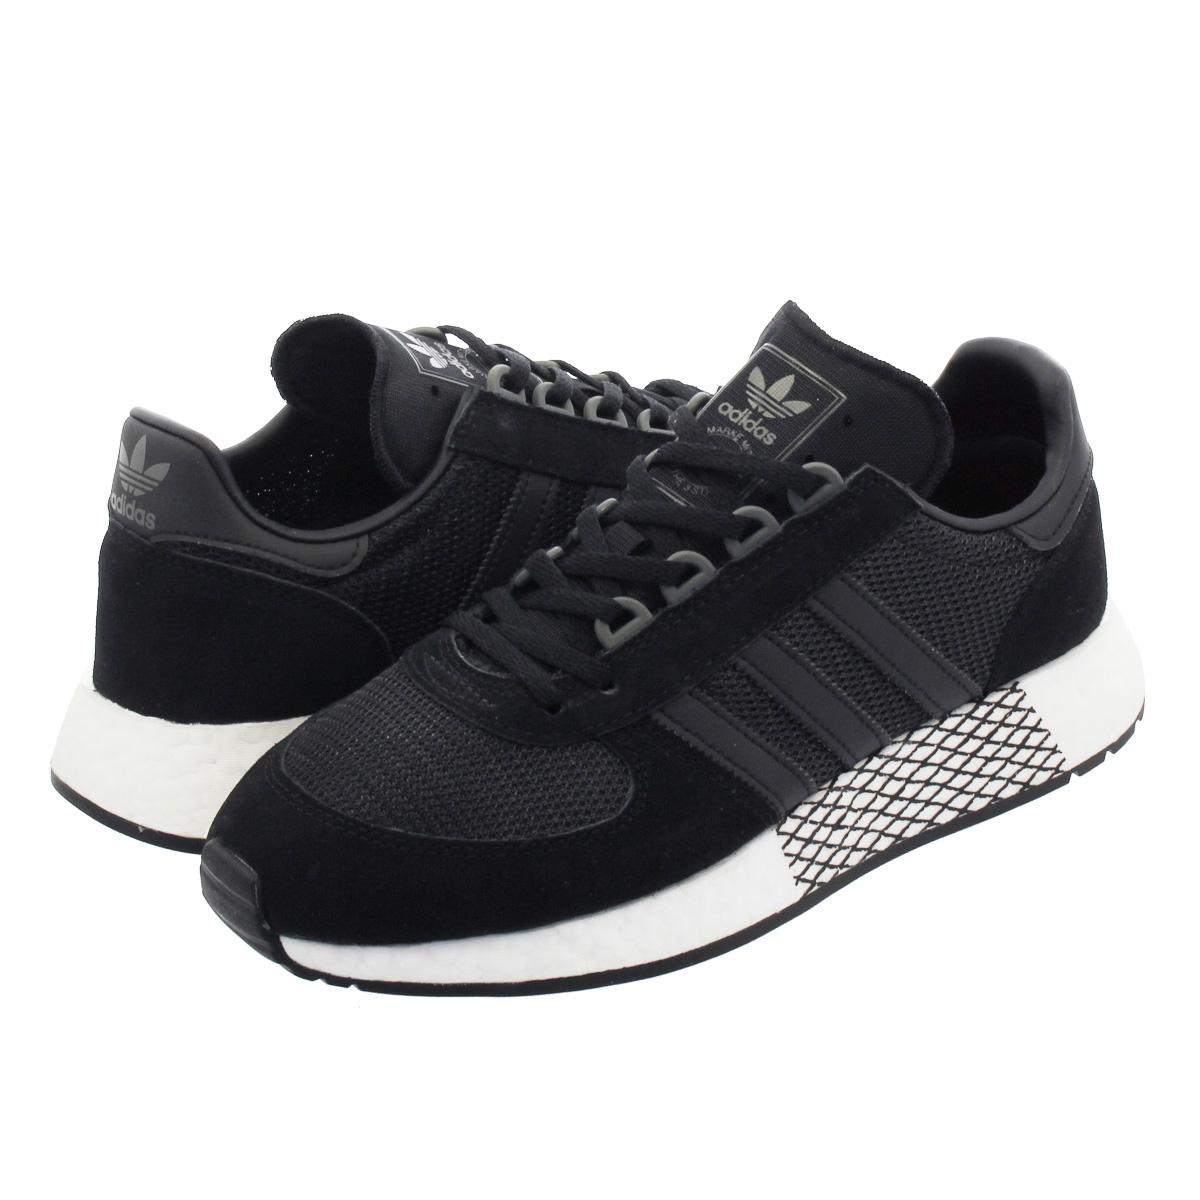 【毎日がお得!値下げプライス】 adidas MARATHON x 5923 【Never Made】 アディダス マラソン x 5923 CORE BLACK/UTILITY BLACK/SOLAR RED ee3656